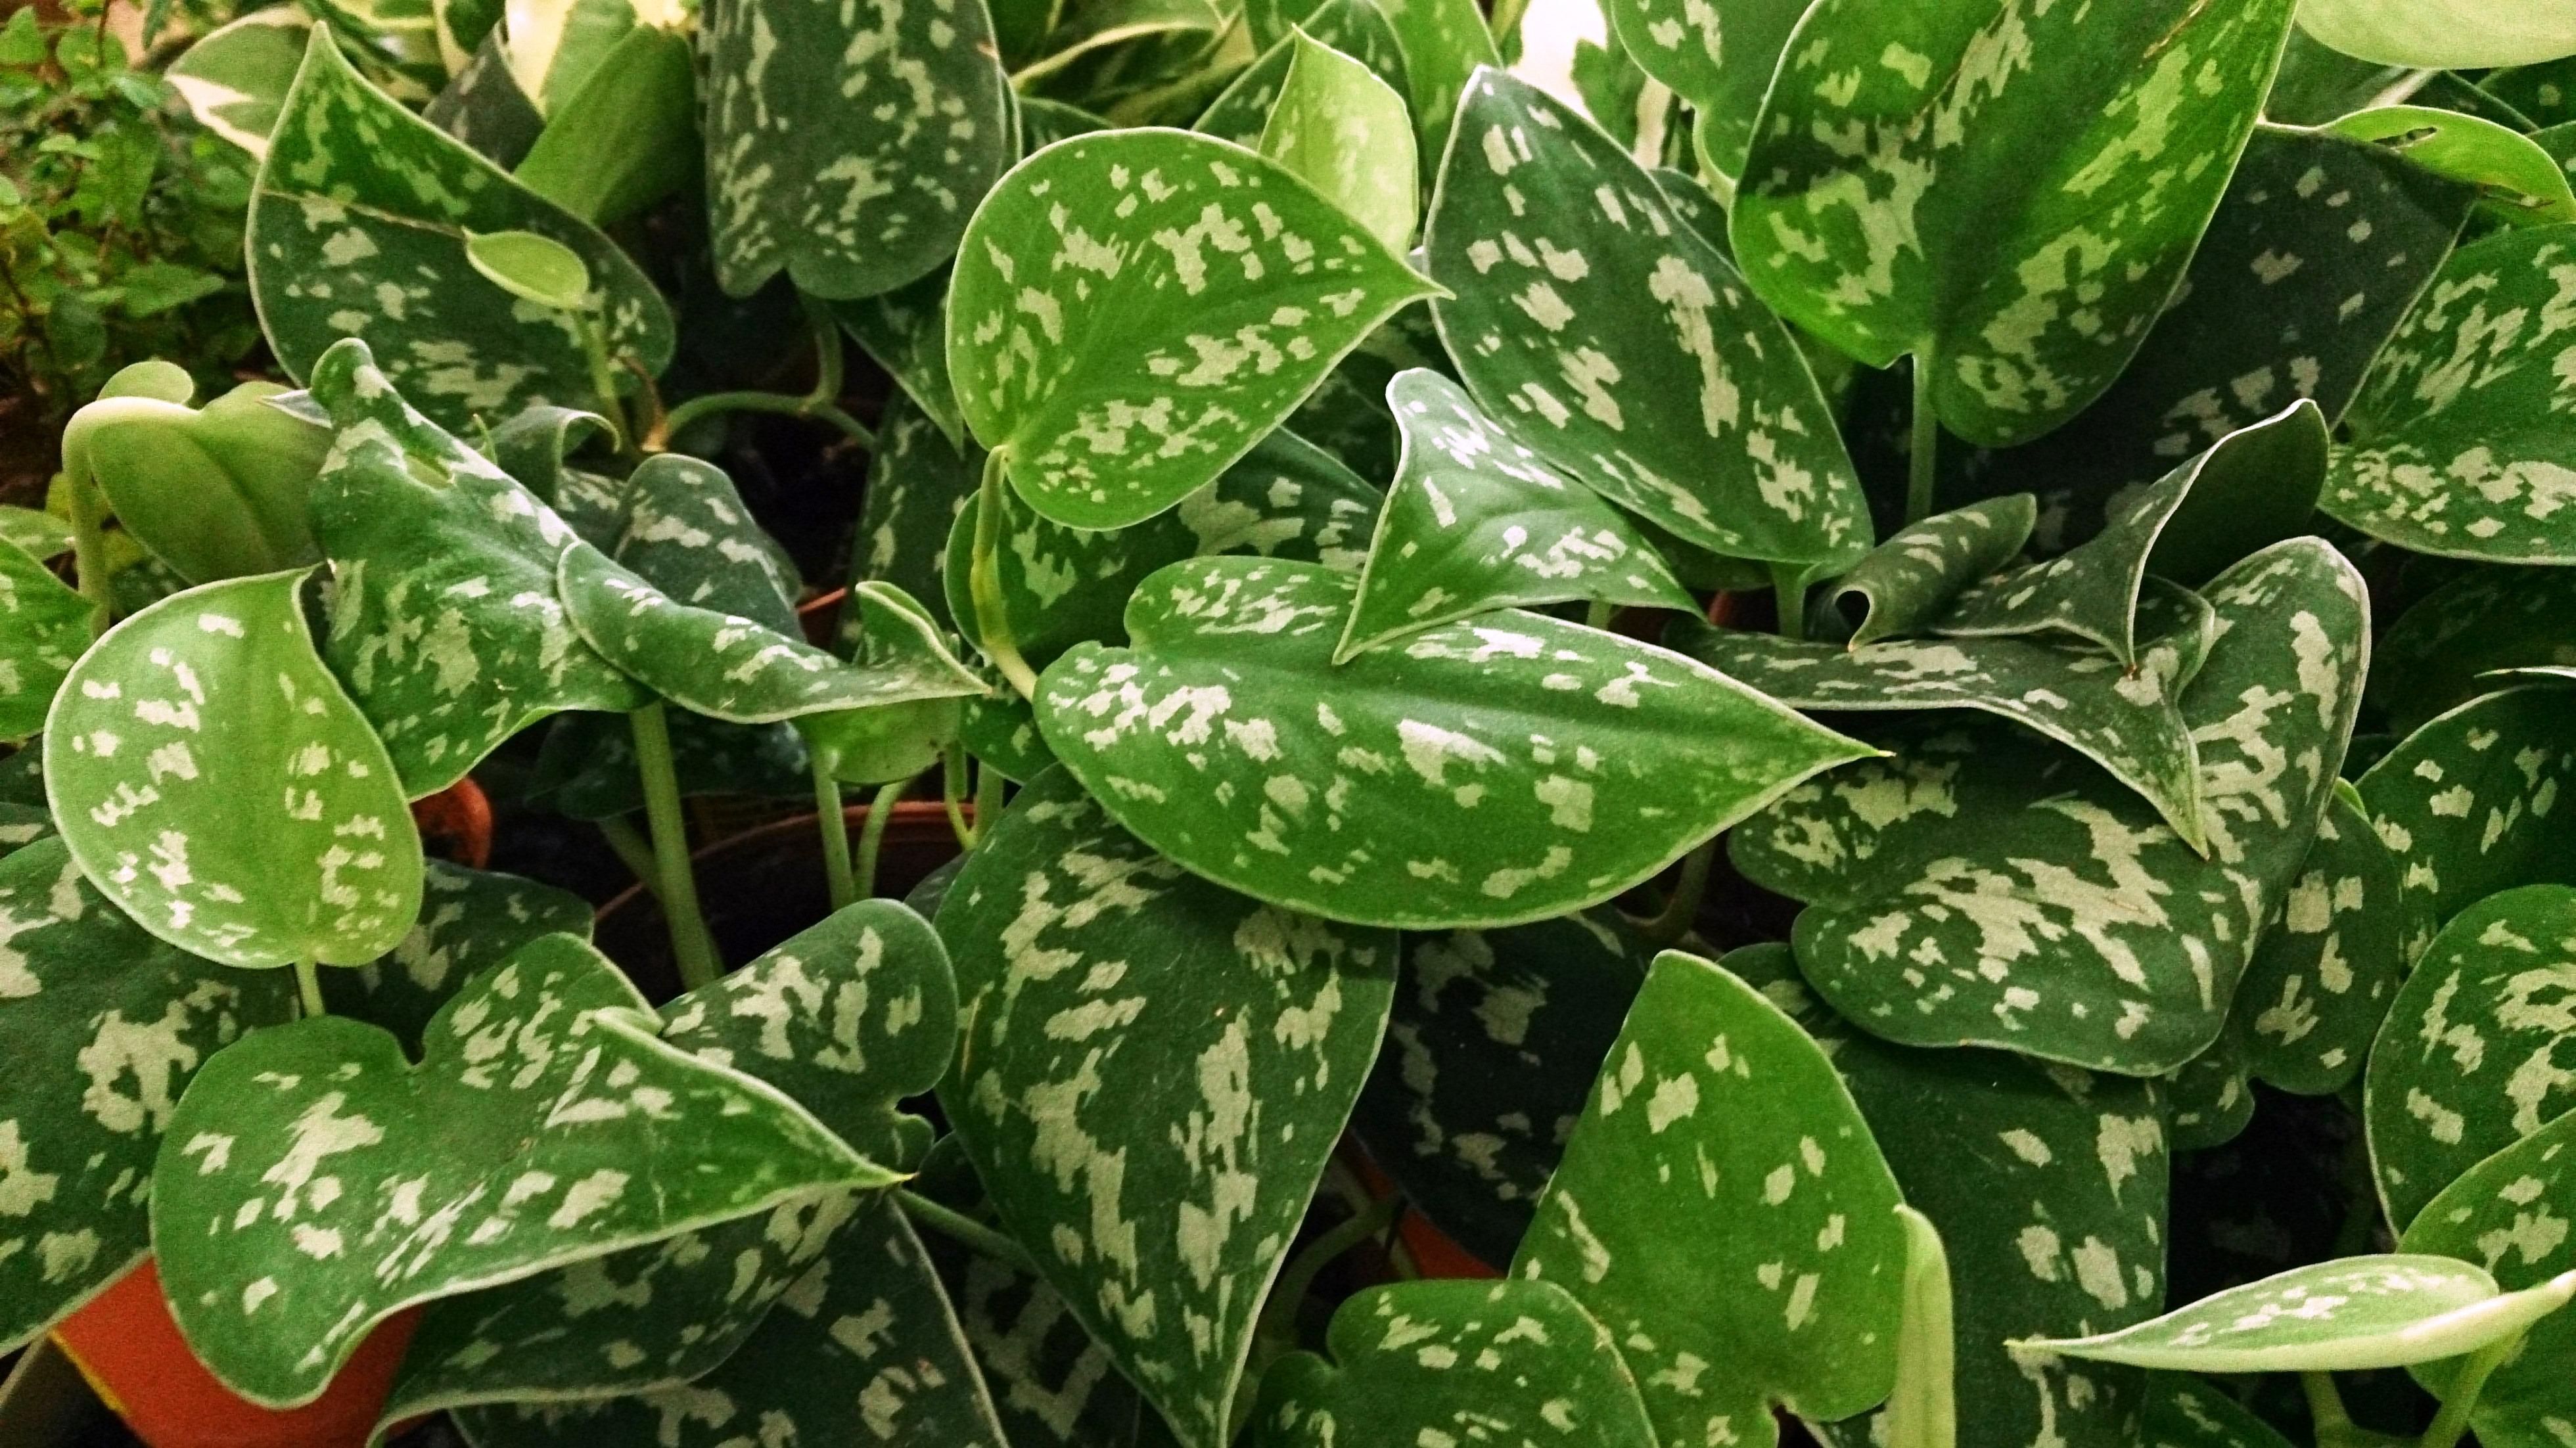 efeutute verzweigt sie sich pflanzen botanik green24 hilfe pflege bilder. Black Bedroom Furniture Sets. Home Design Ideas